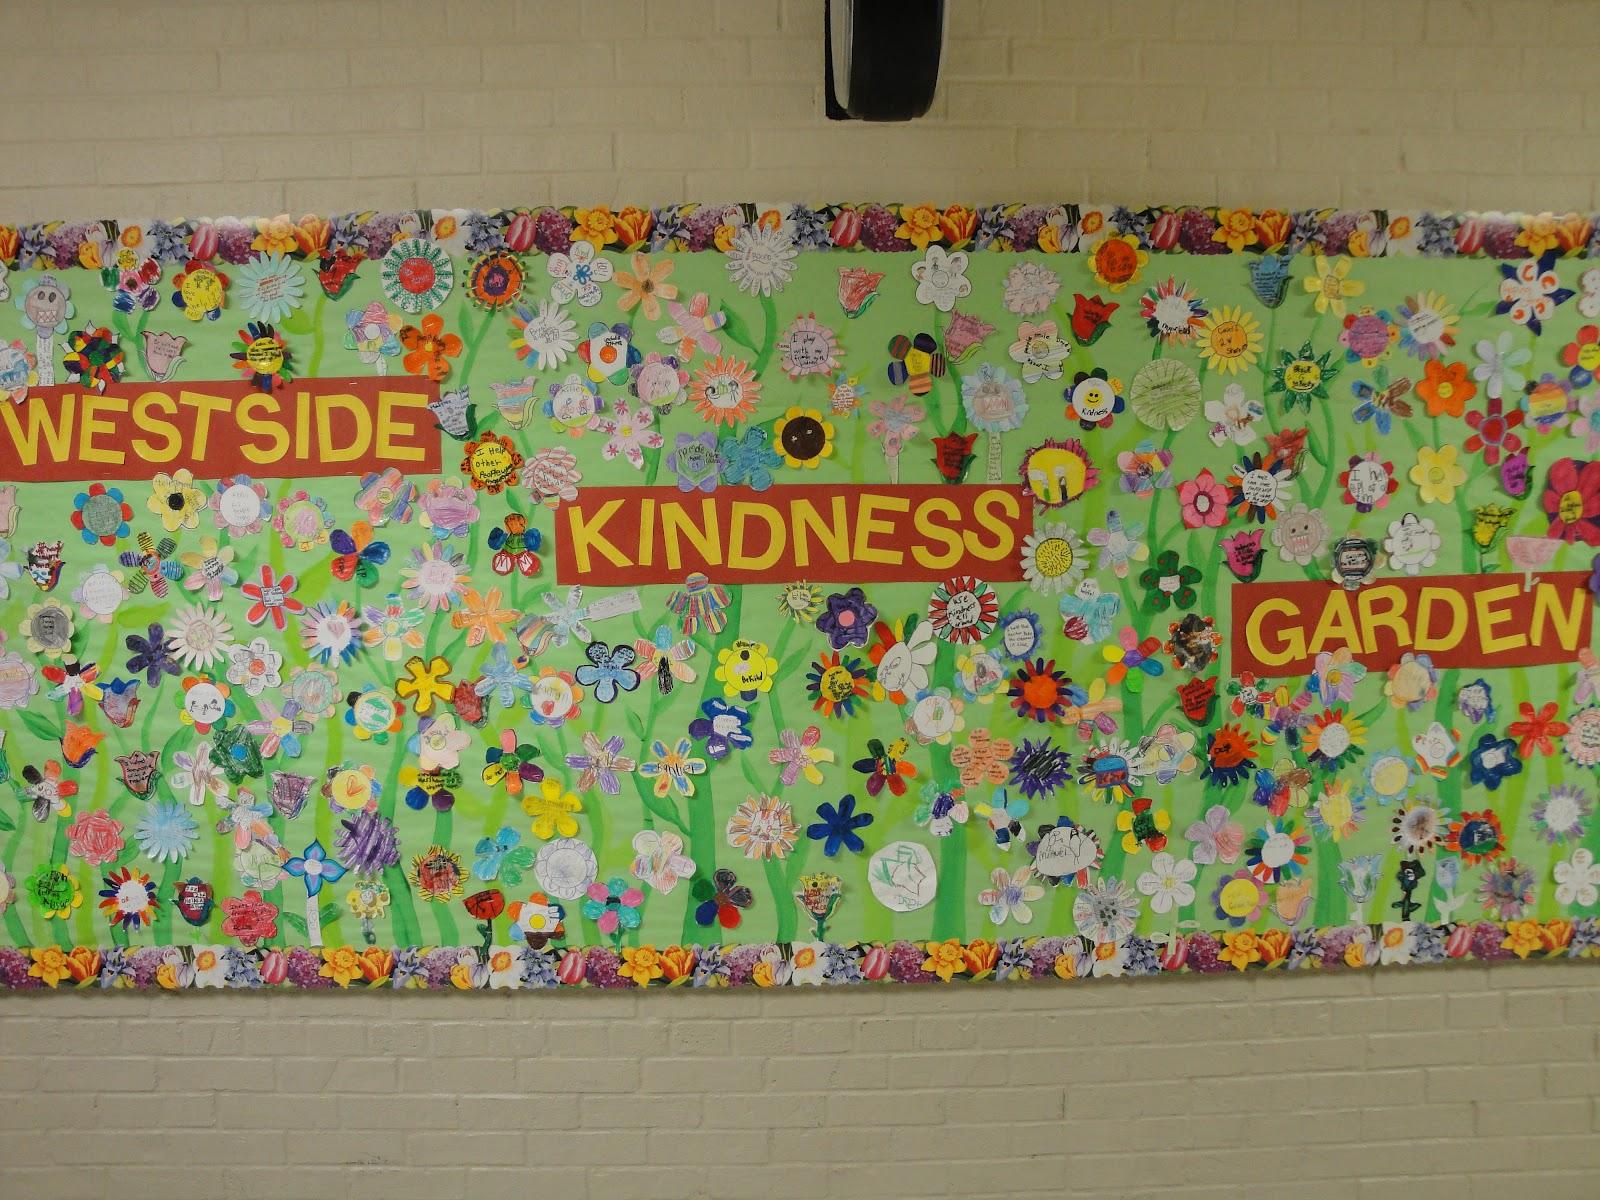 School Counselor Blog: School Counselor Spotlight: Kindness Garden